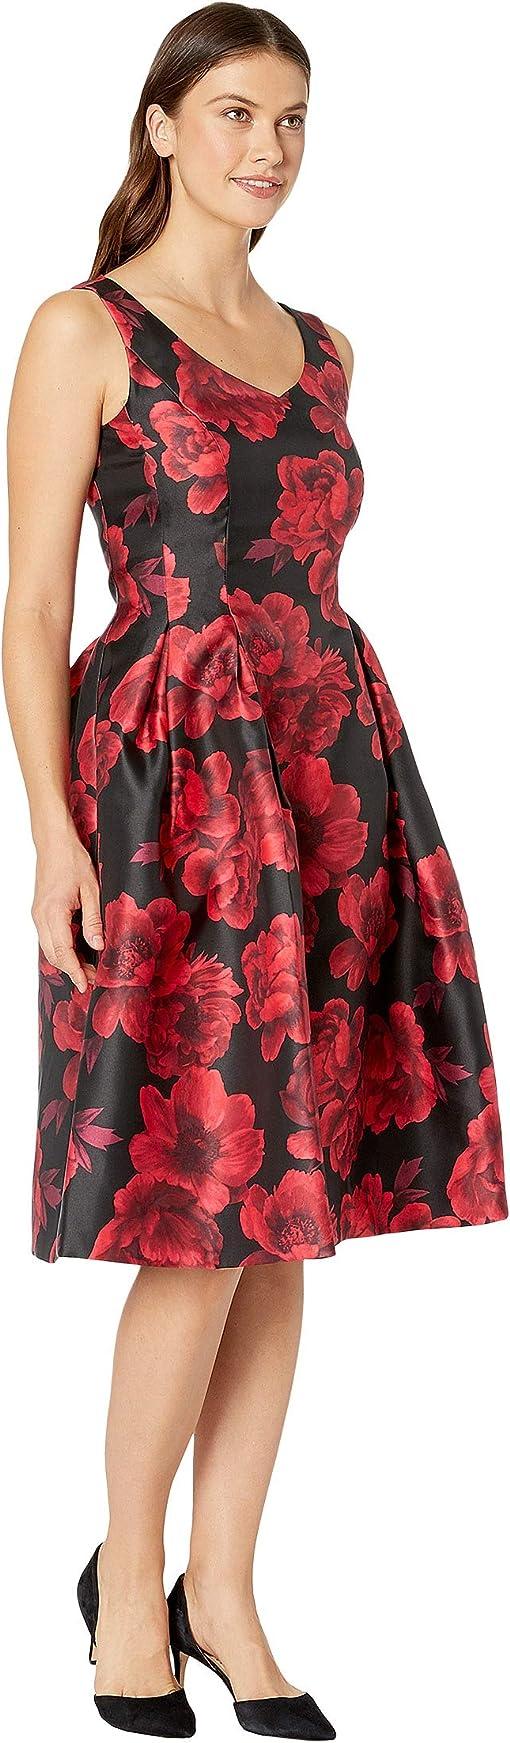 Red/Black Floral